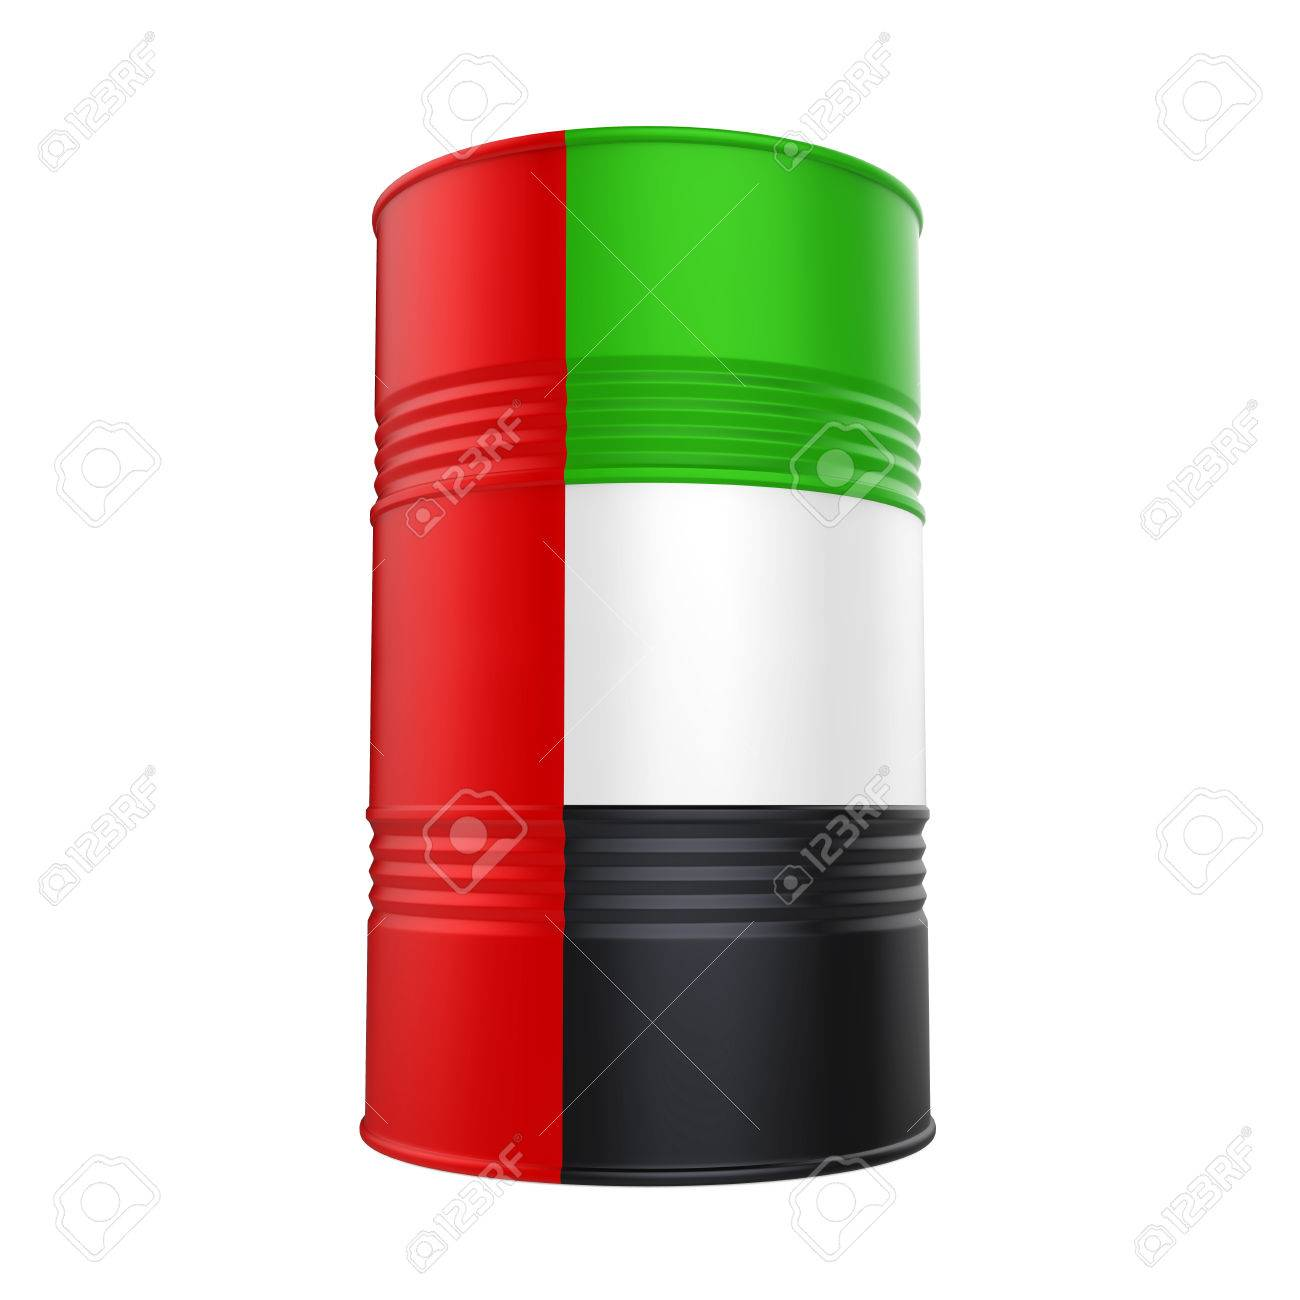 アラブ首長国連邦国旗石油バレル...